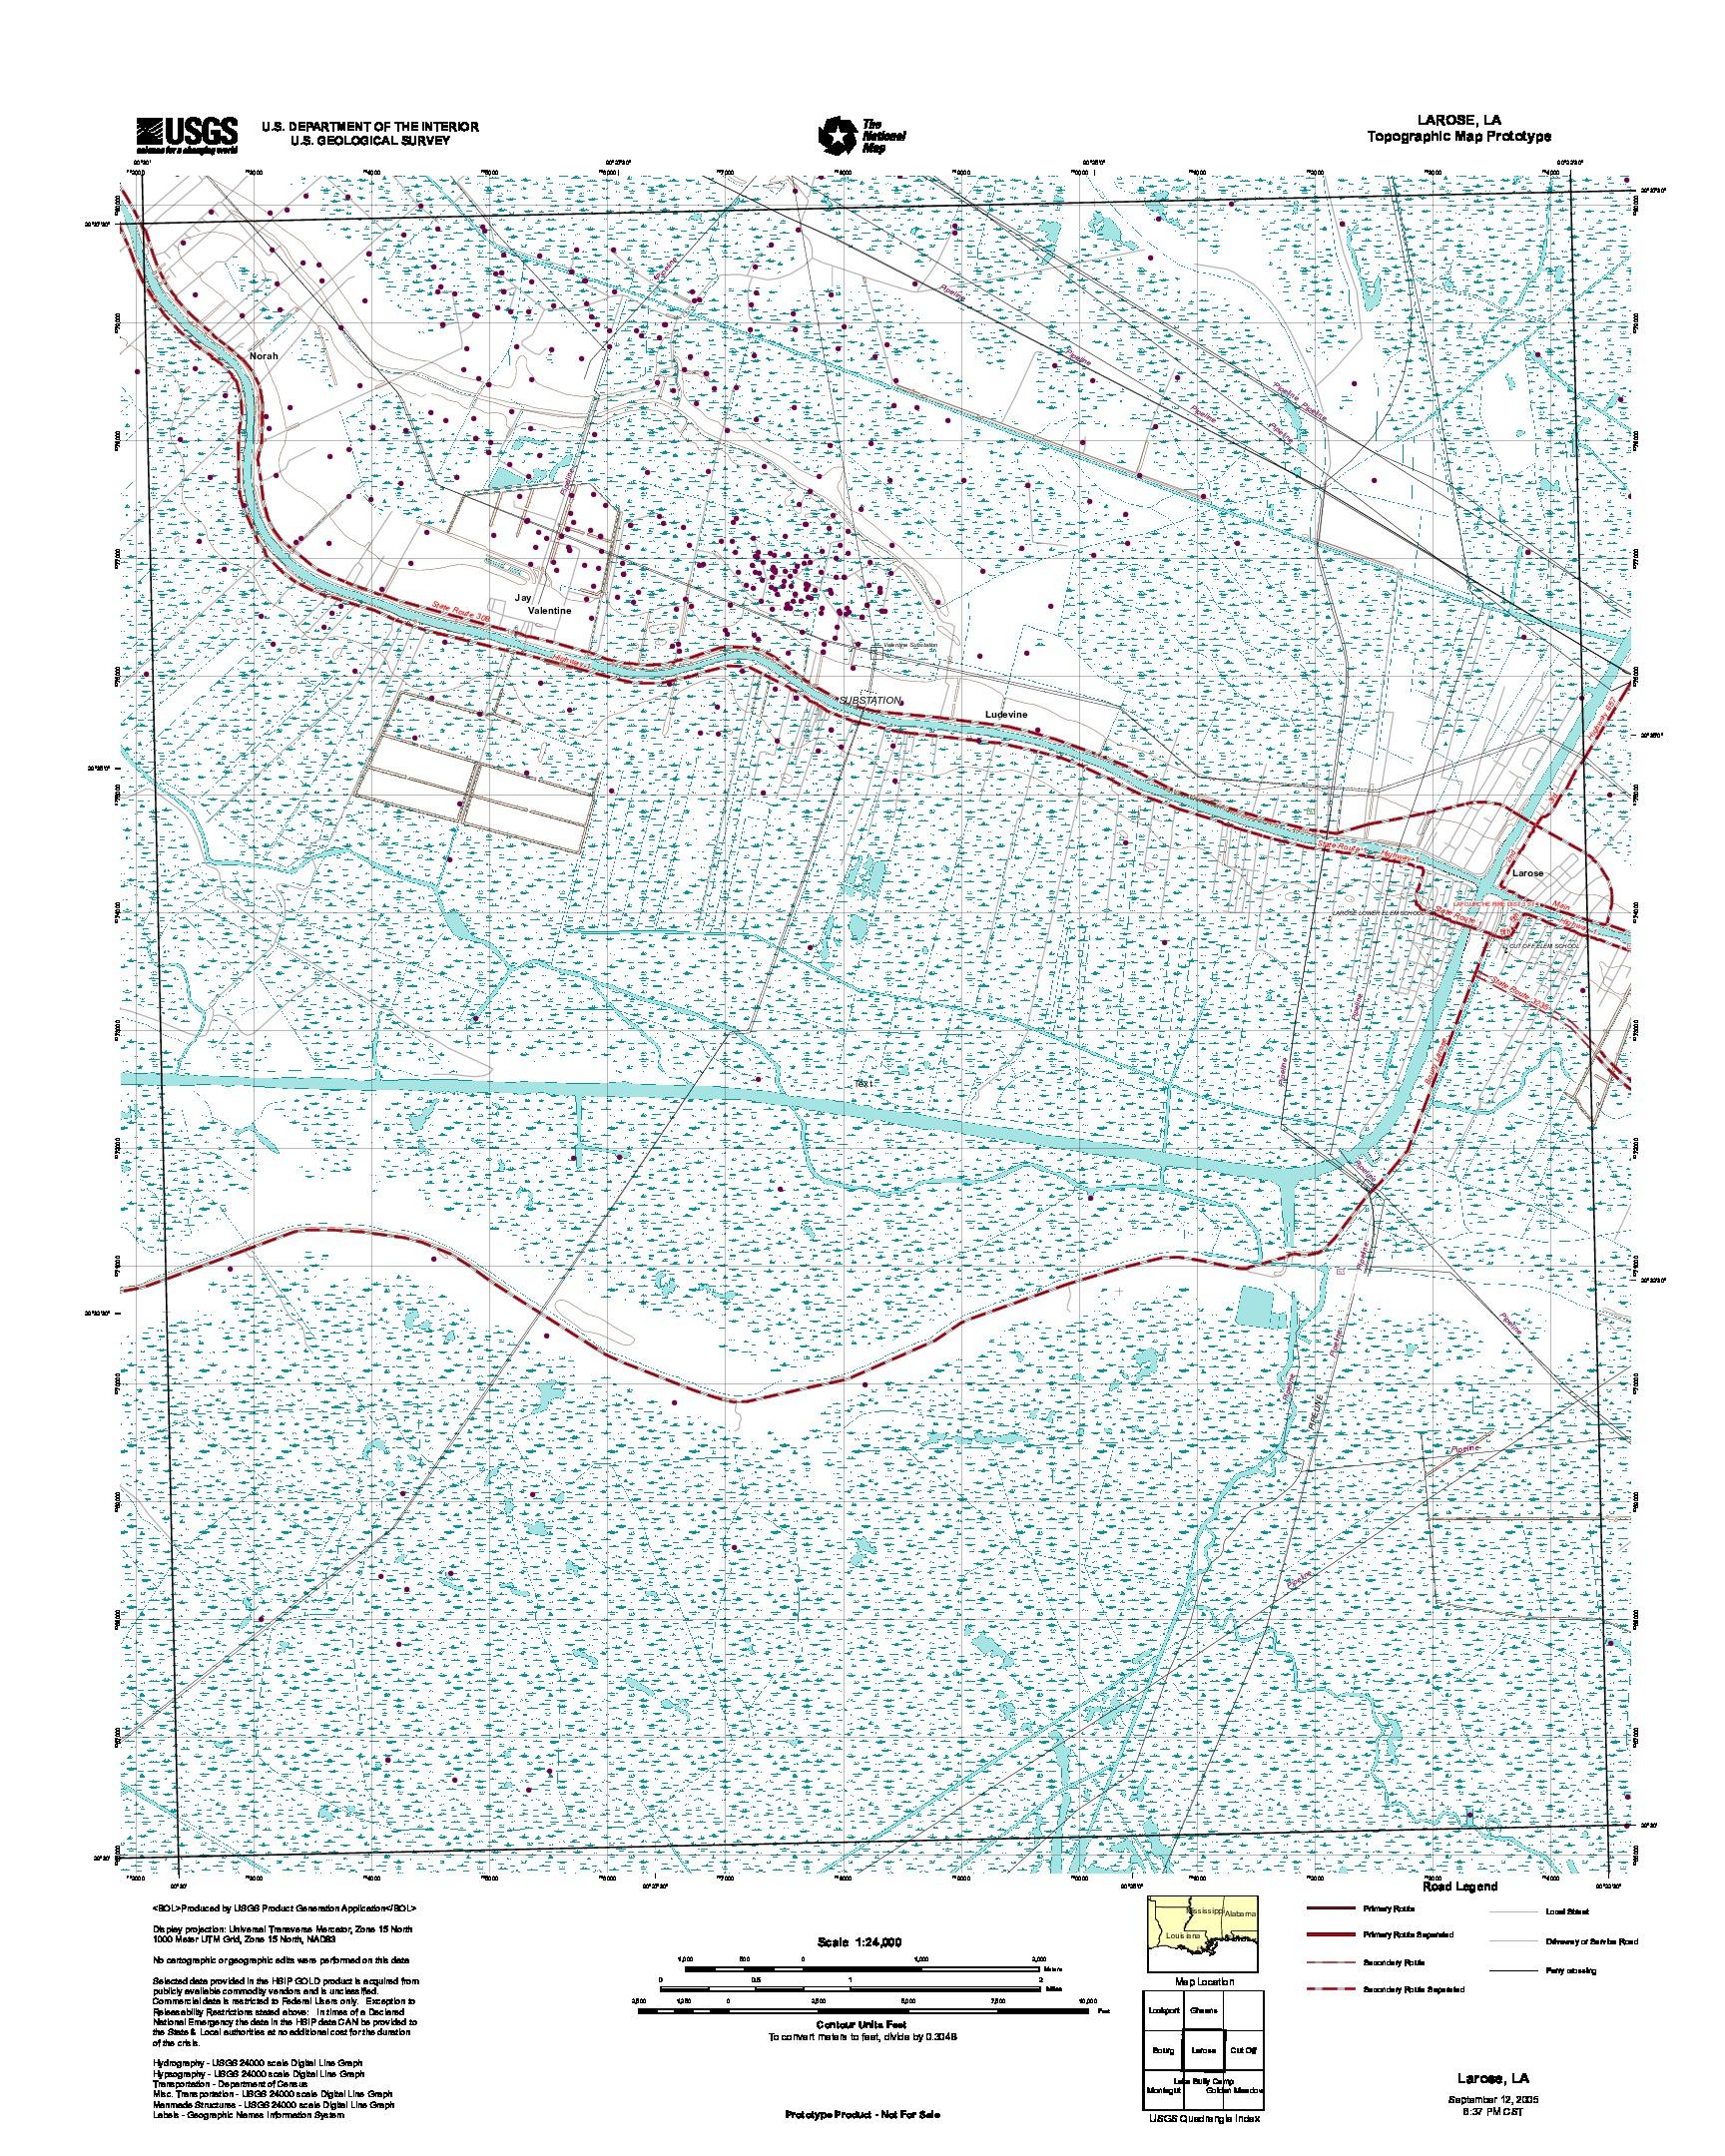 Prototipo de Mapa Topográfico de Larose, Luisiana, Estados Unidos, Septiembre 12, 2005